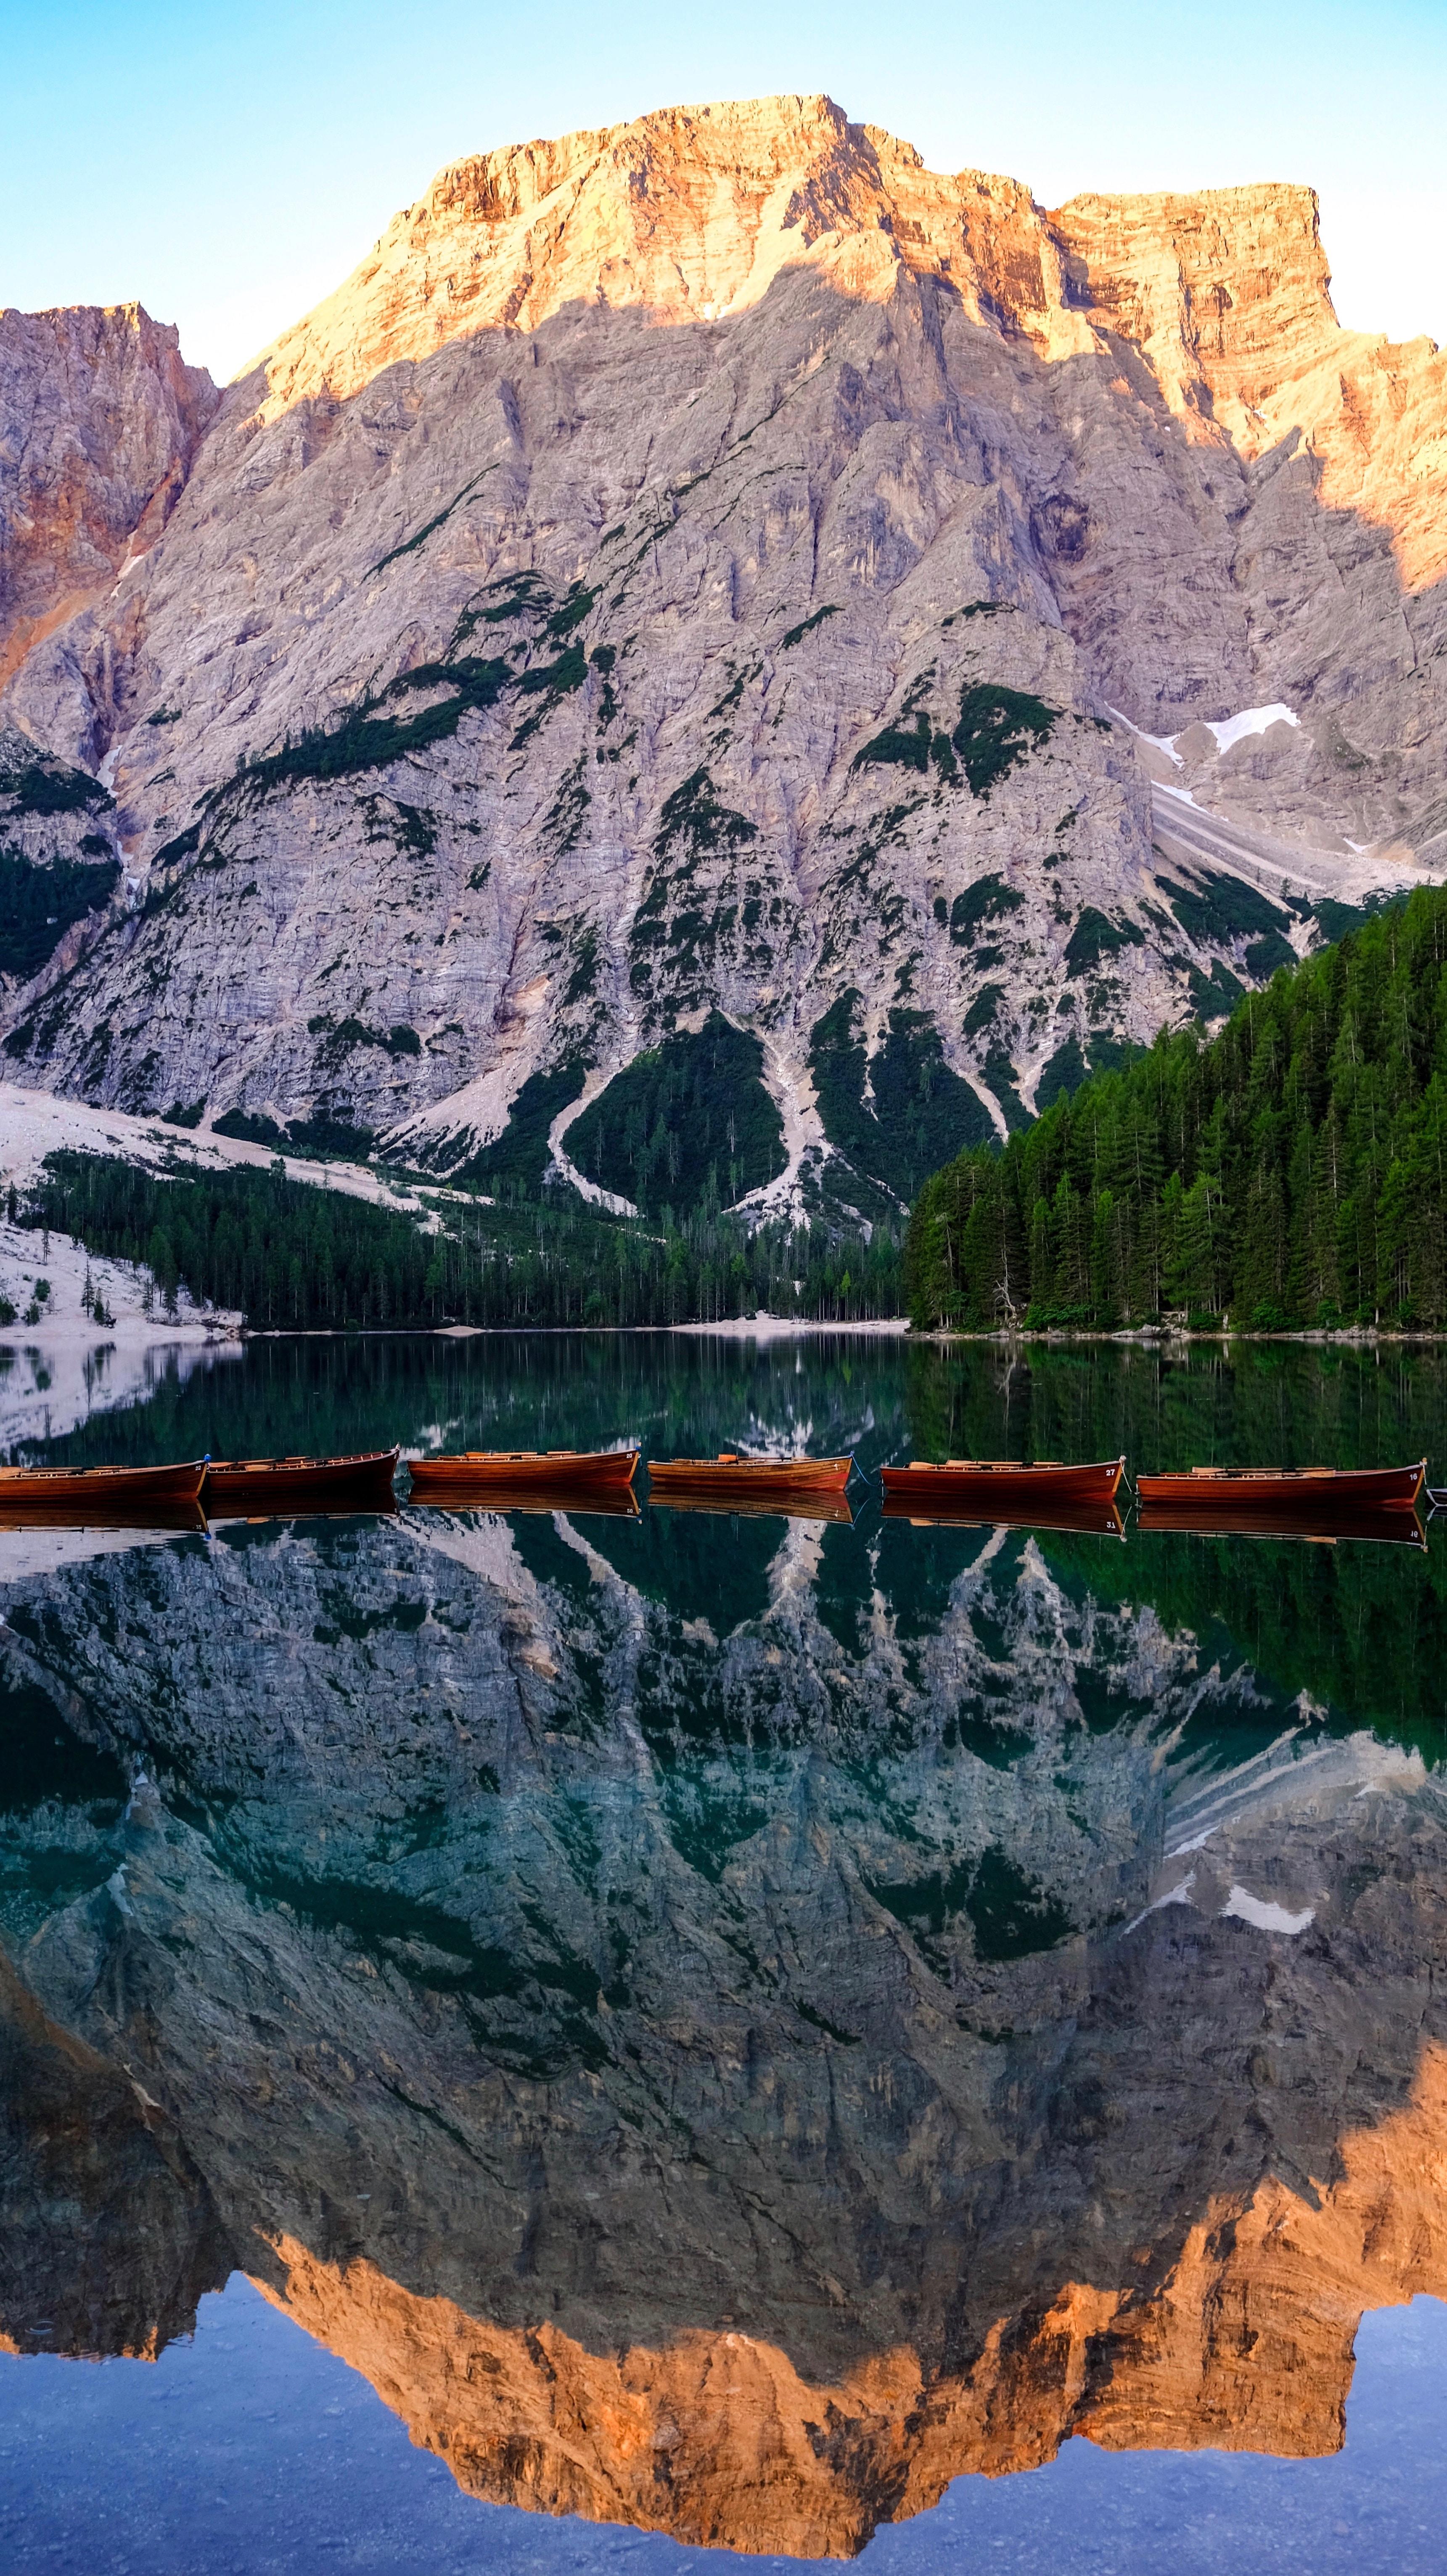 104147 Заставки и Обои Лодки на телефон. Скачать Природа, Лодки, Отражение, Горы, Пейзаж картинки бесплатно